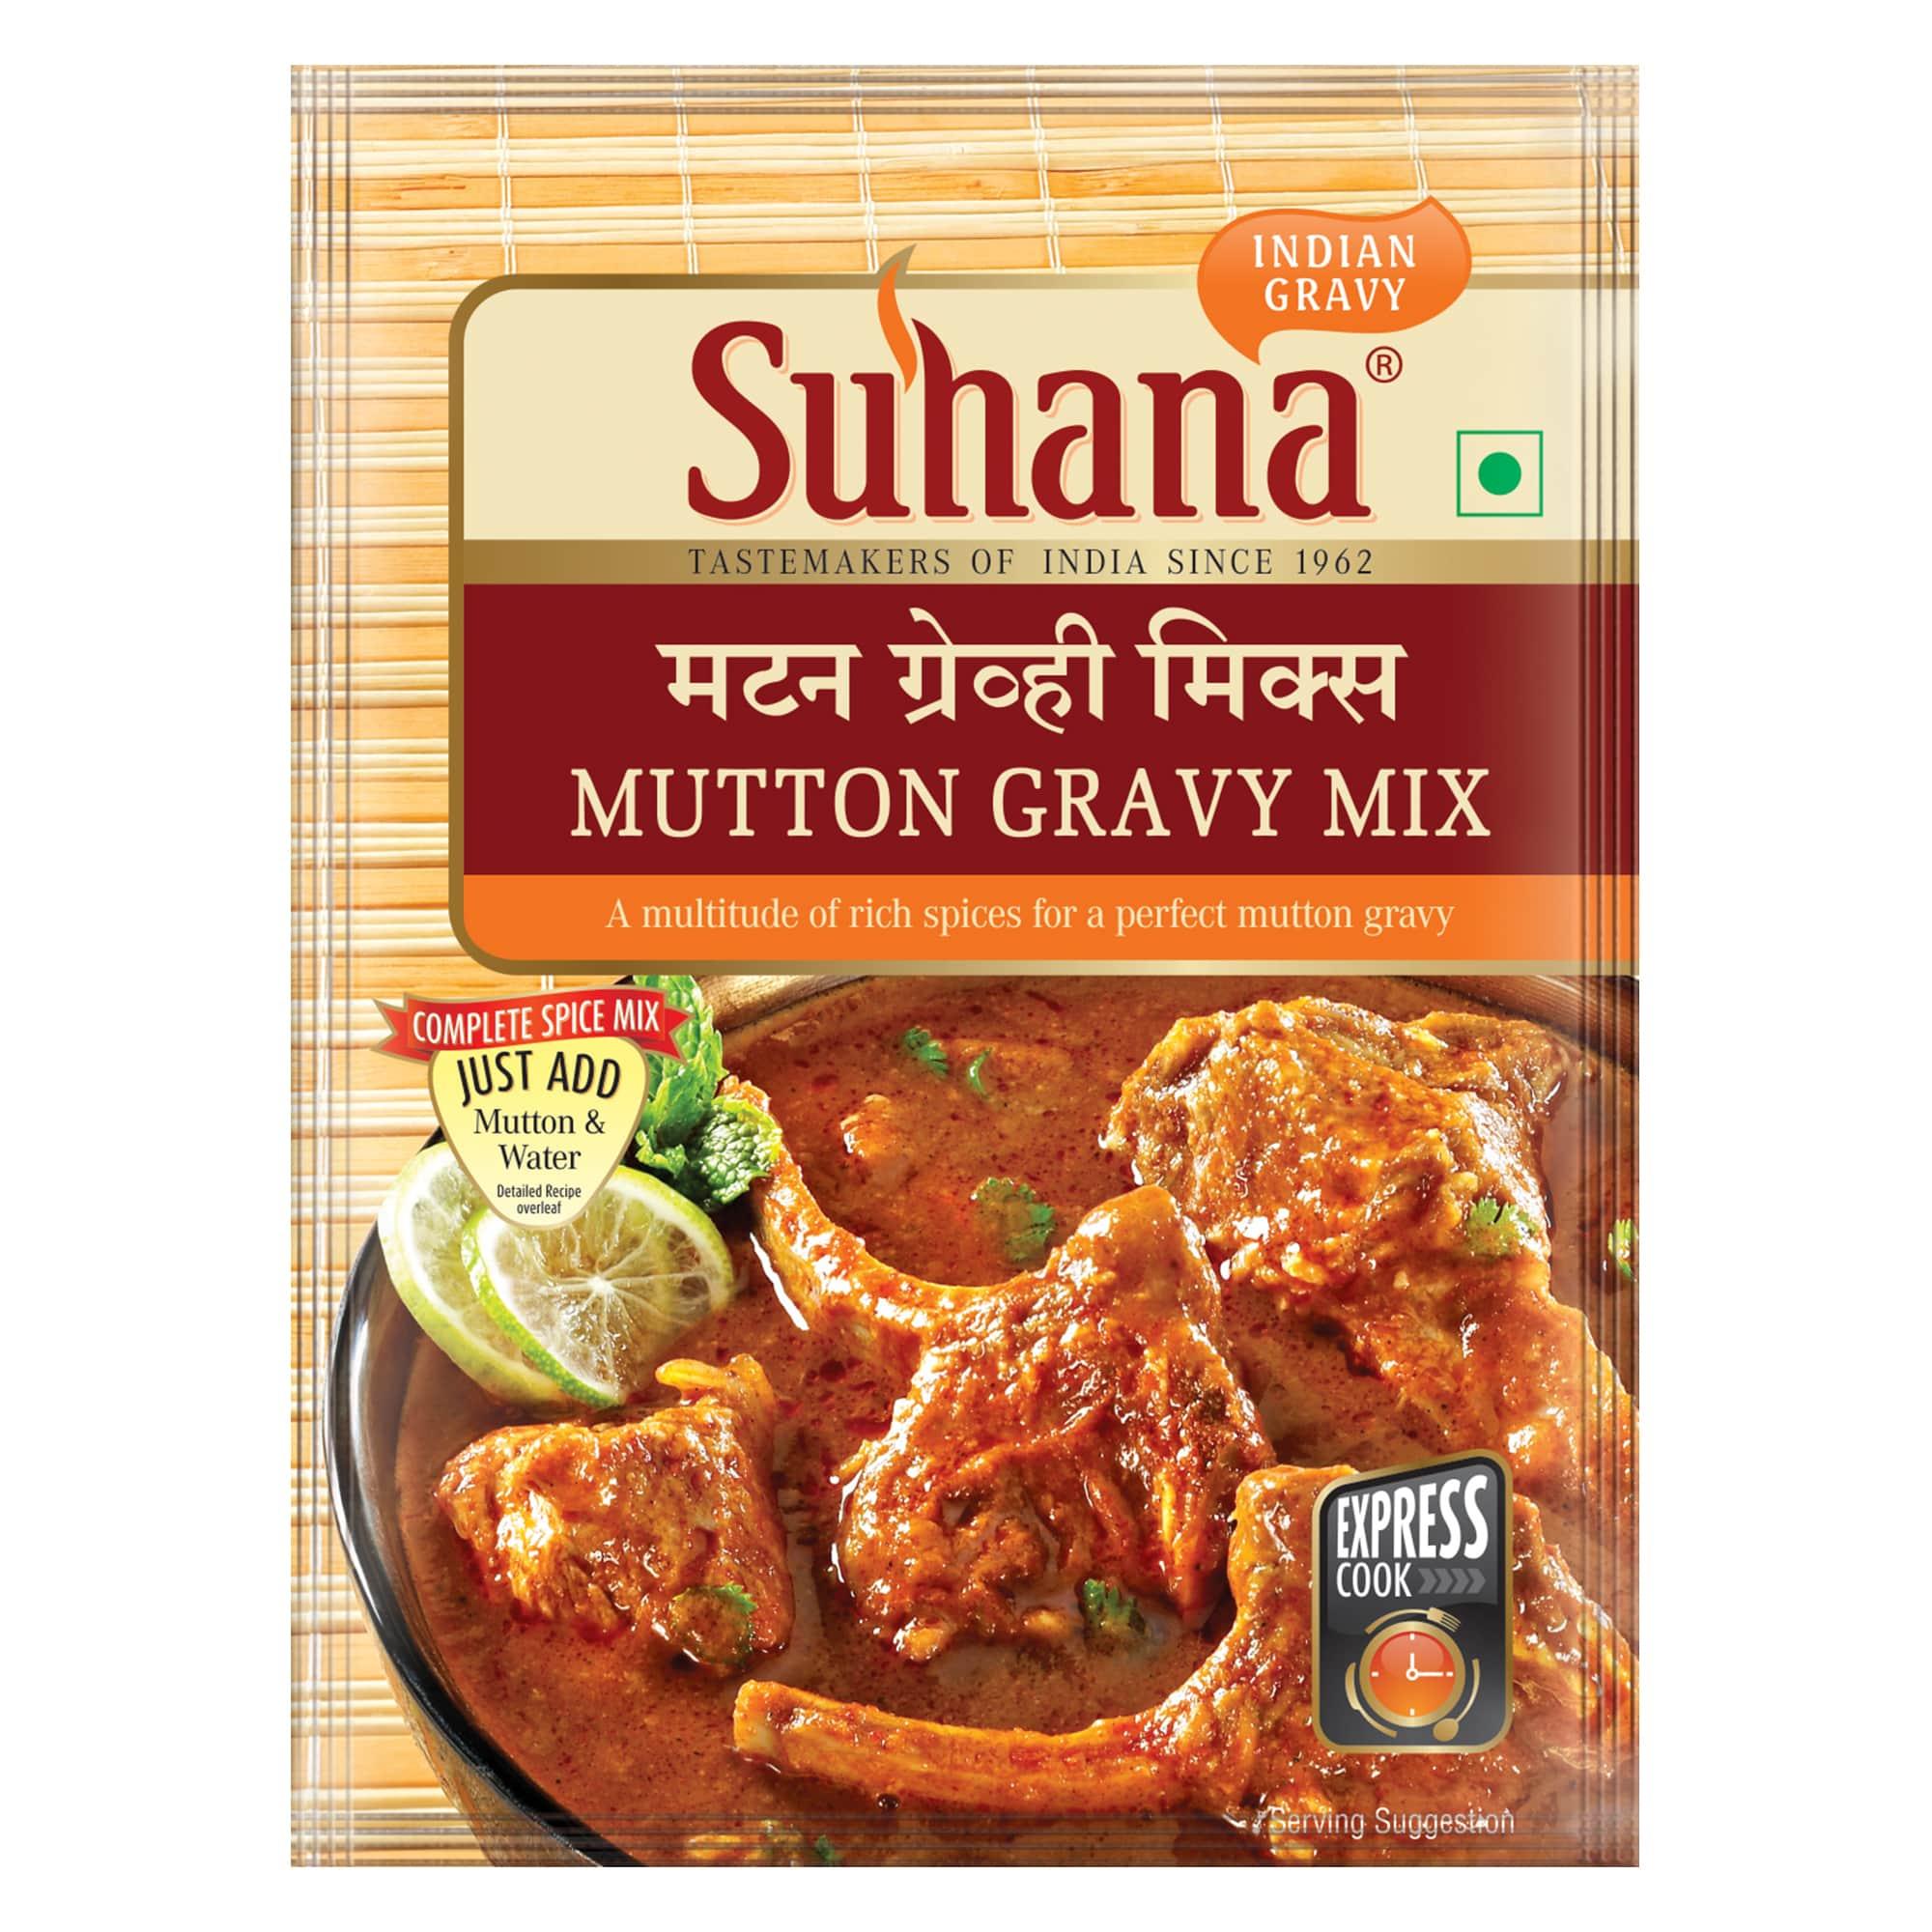 Suhana Mutton Gravy Spice Mix 80g Pouch